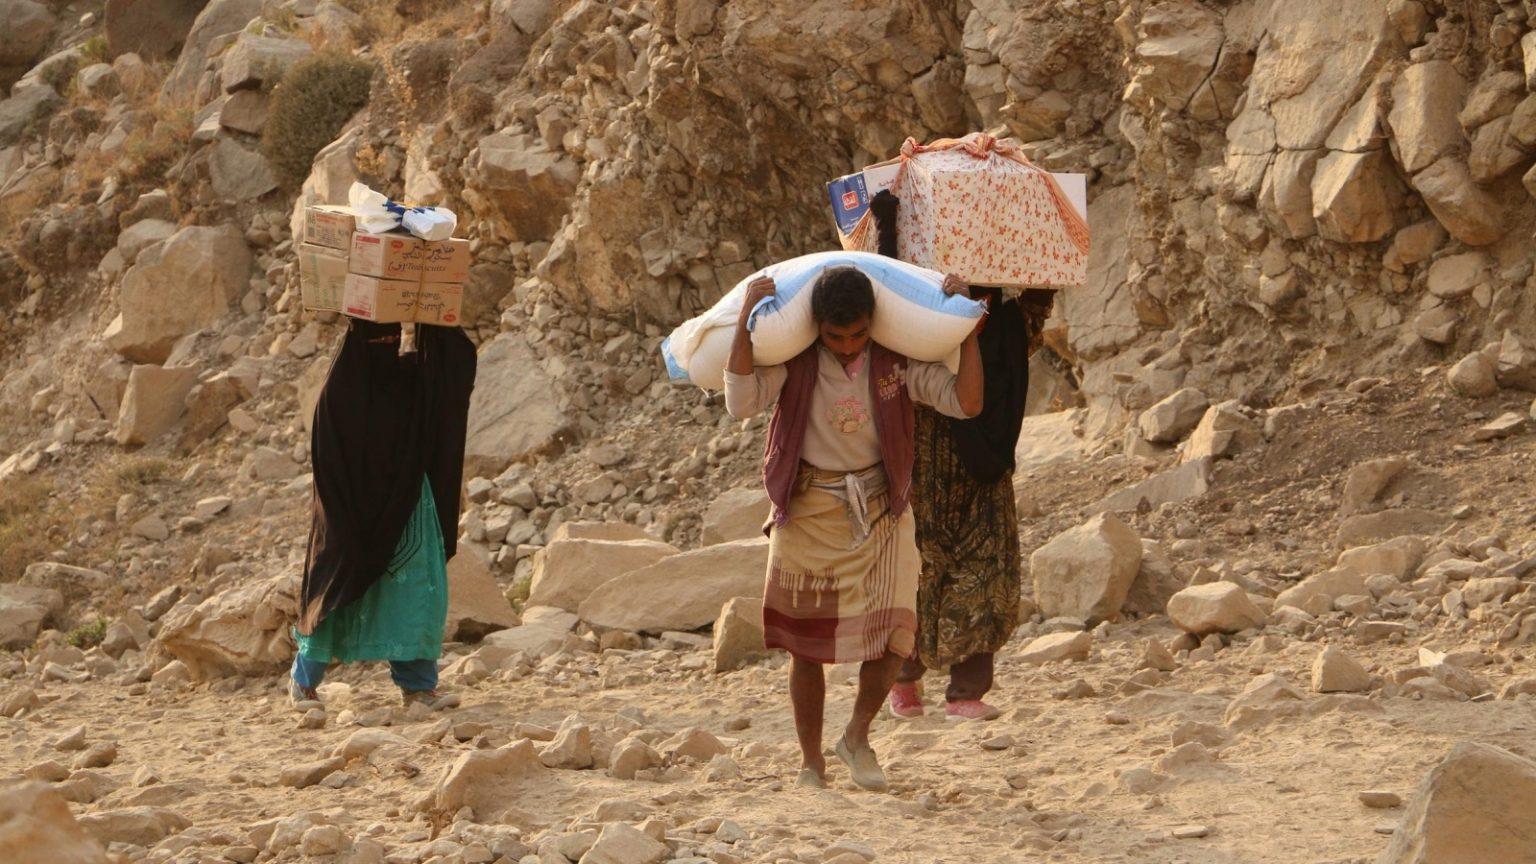 Relief efforts in Yemen